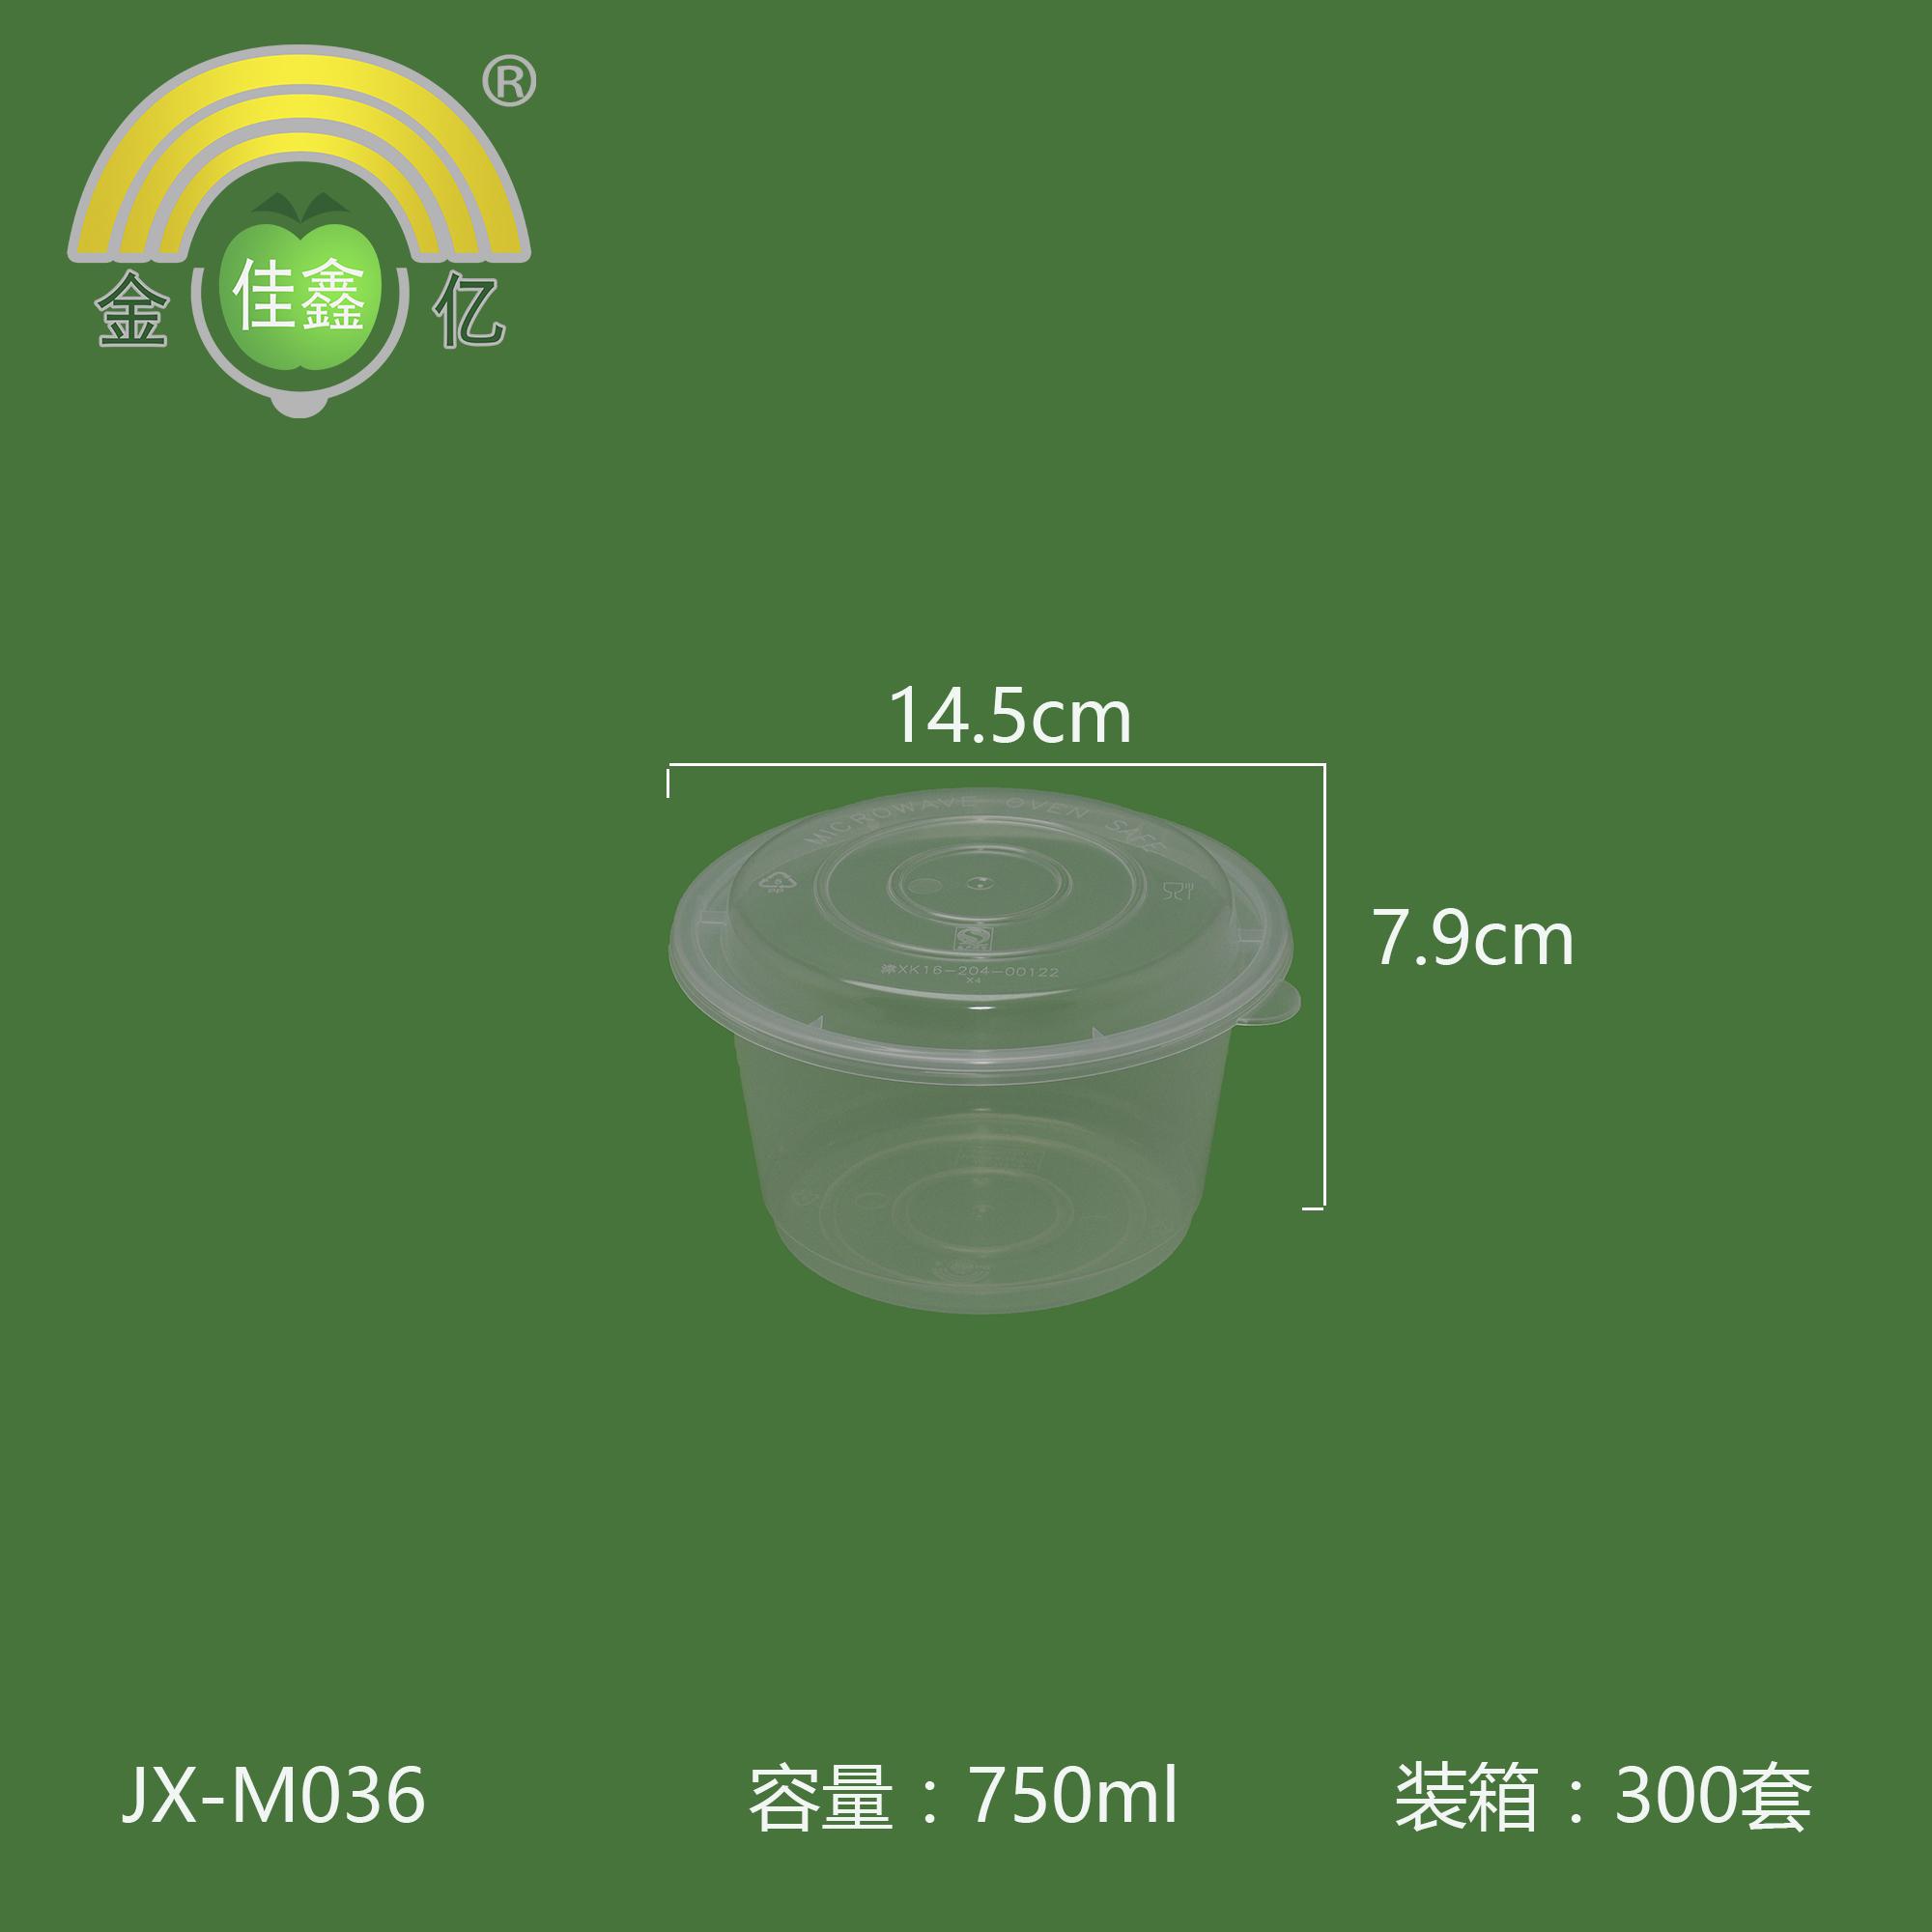 金亿佳鑫  高盖中圆碗  JX-M036